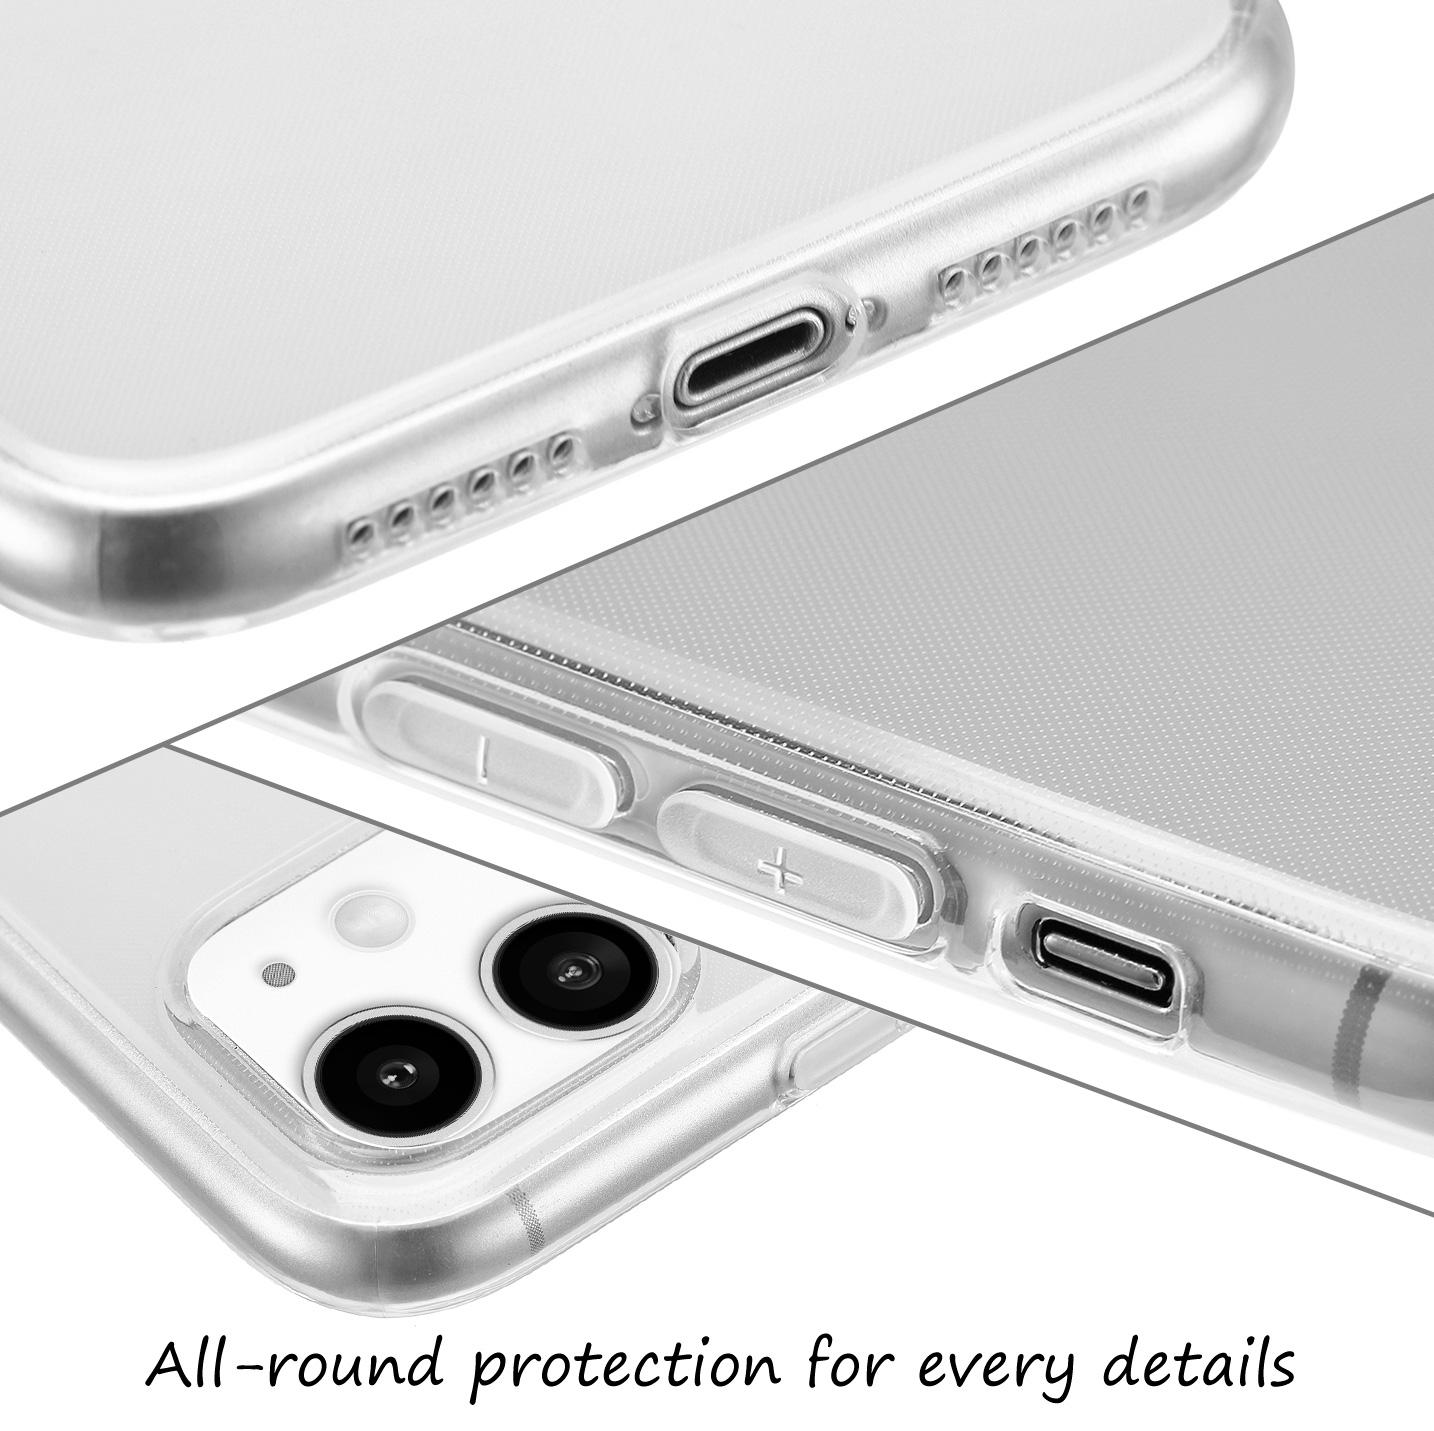 Ultra-Slim-Case-iPhone-11-6-1-034-Matt-Clear-Schutz-Huelle-Skin-Cover-Tasche-Folie Indexbild 52